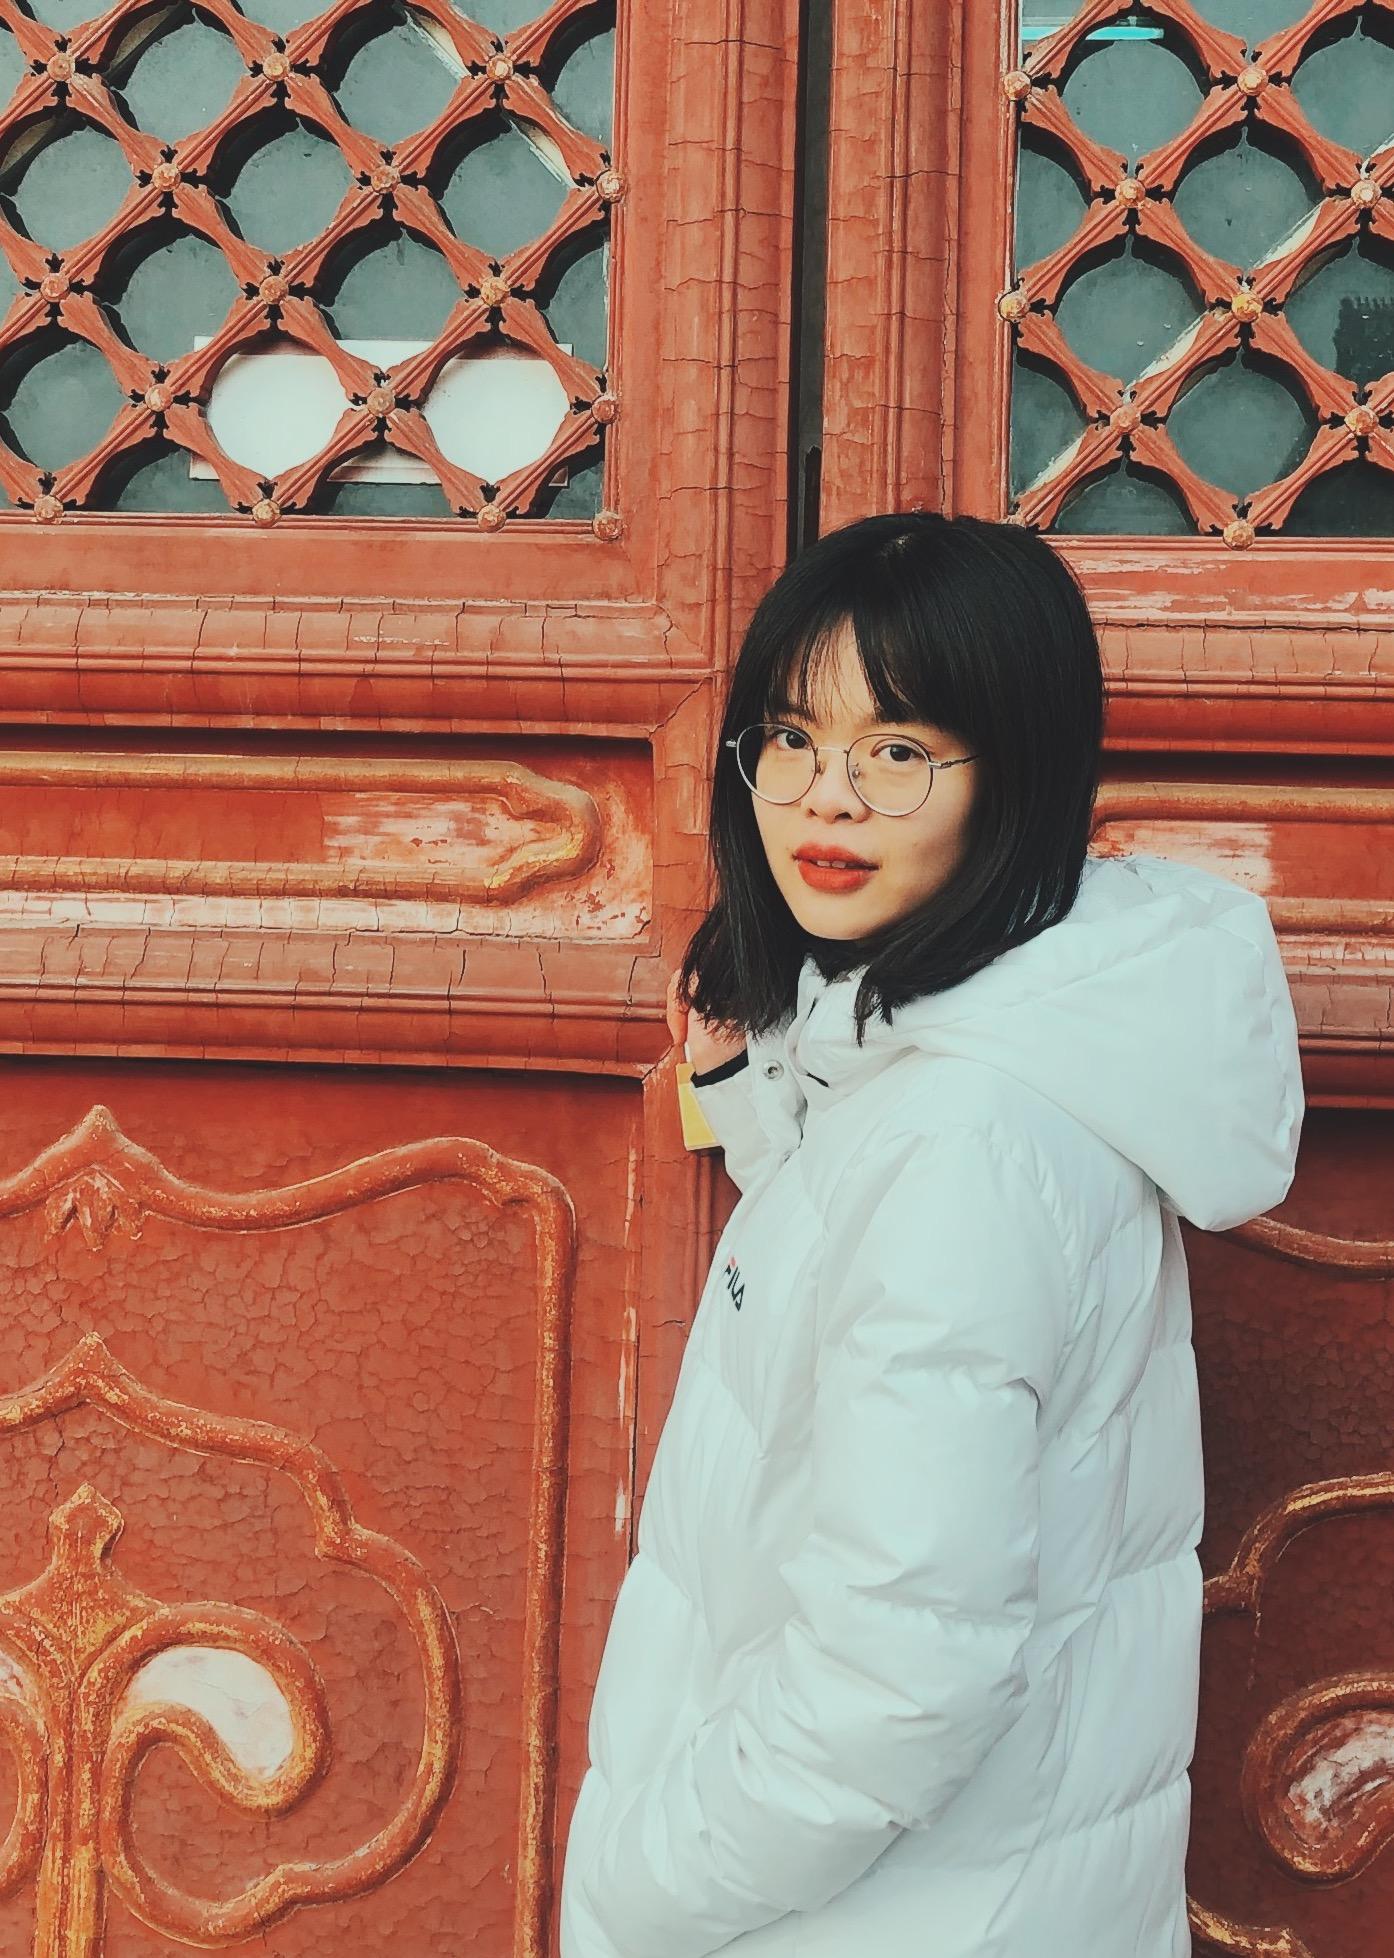 Suyu Ge 葛苏昱